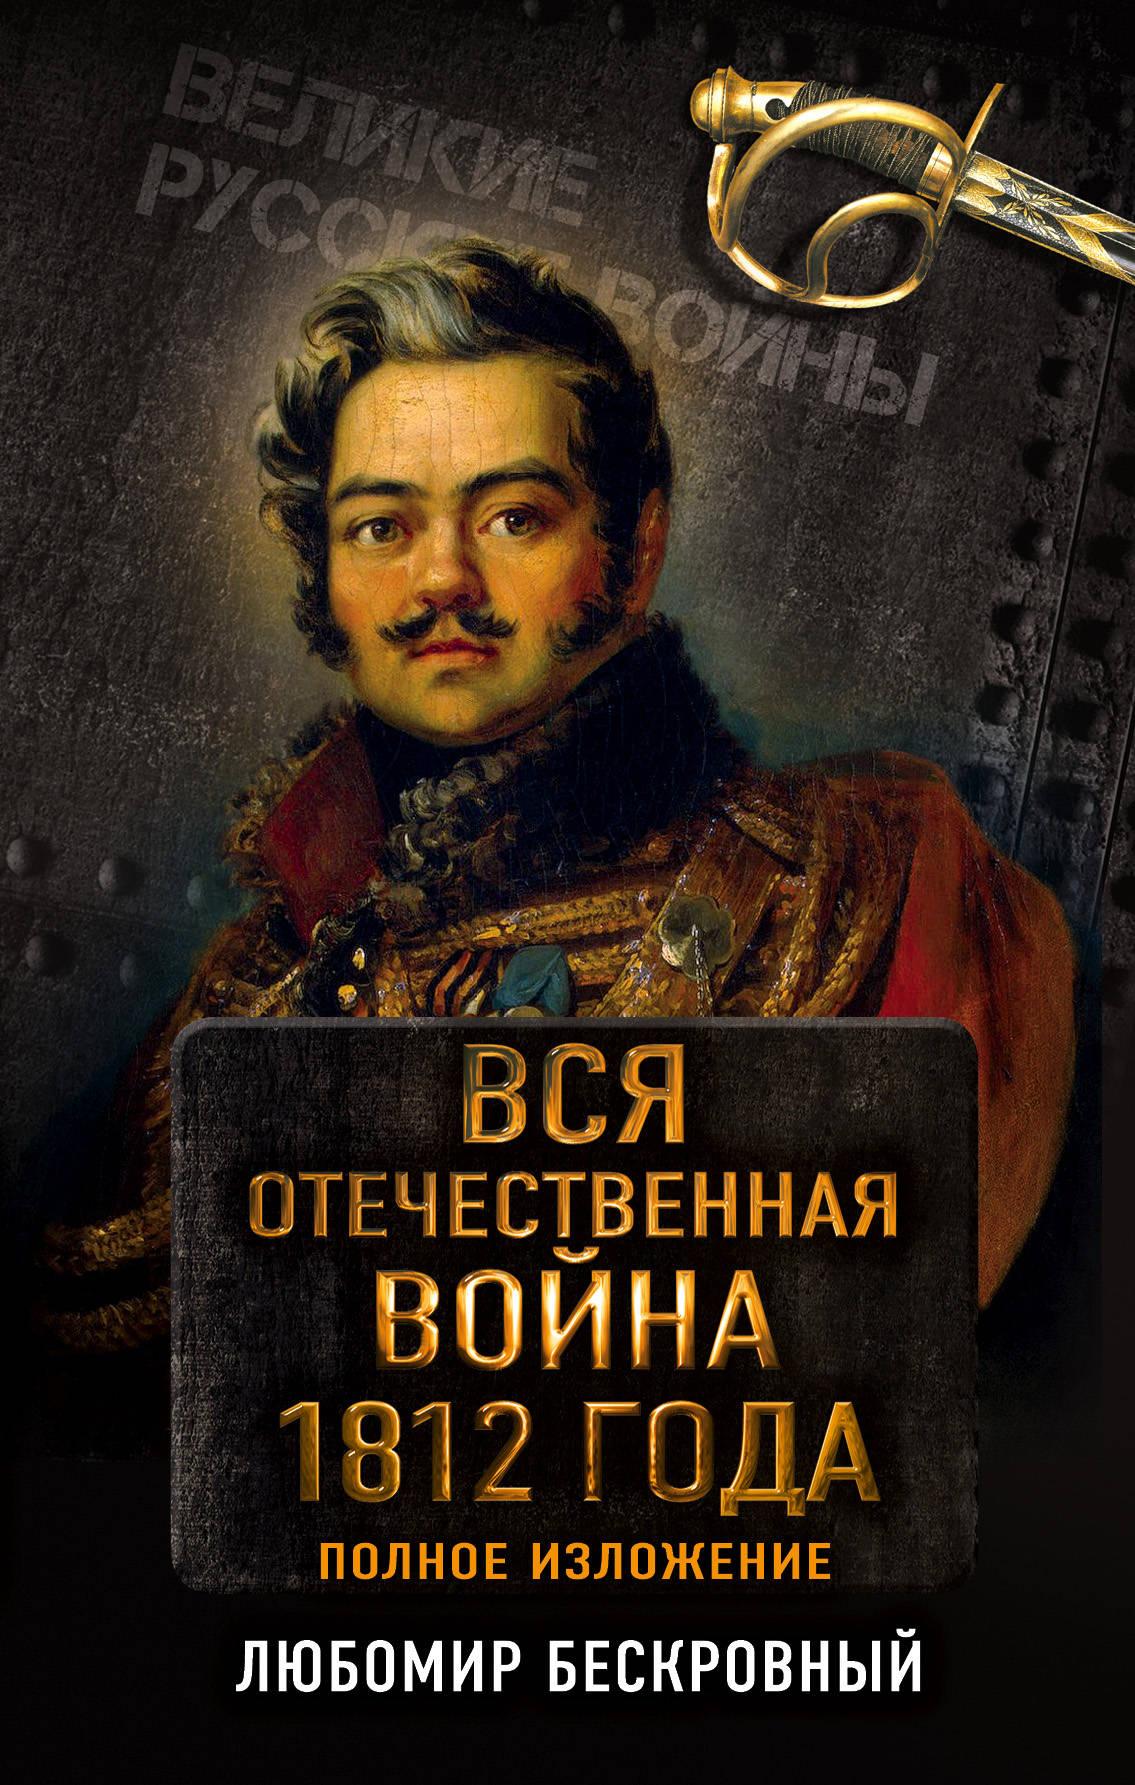 Любомир Бескровный Вся Отечественная война 1812 года. Полное изложение